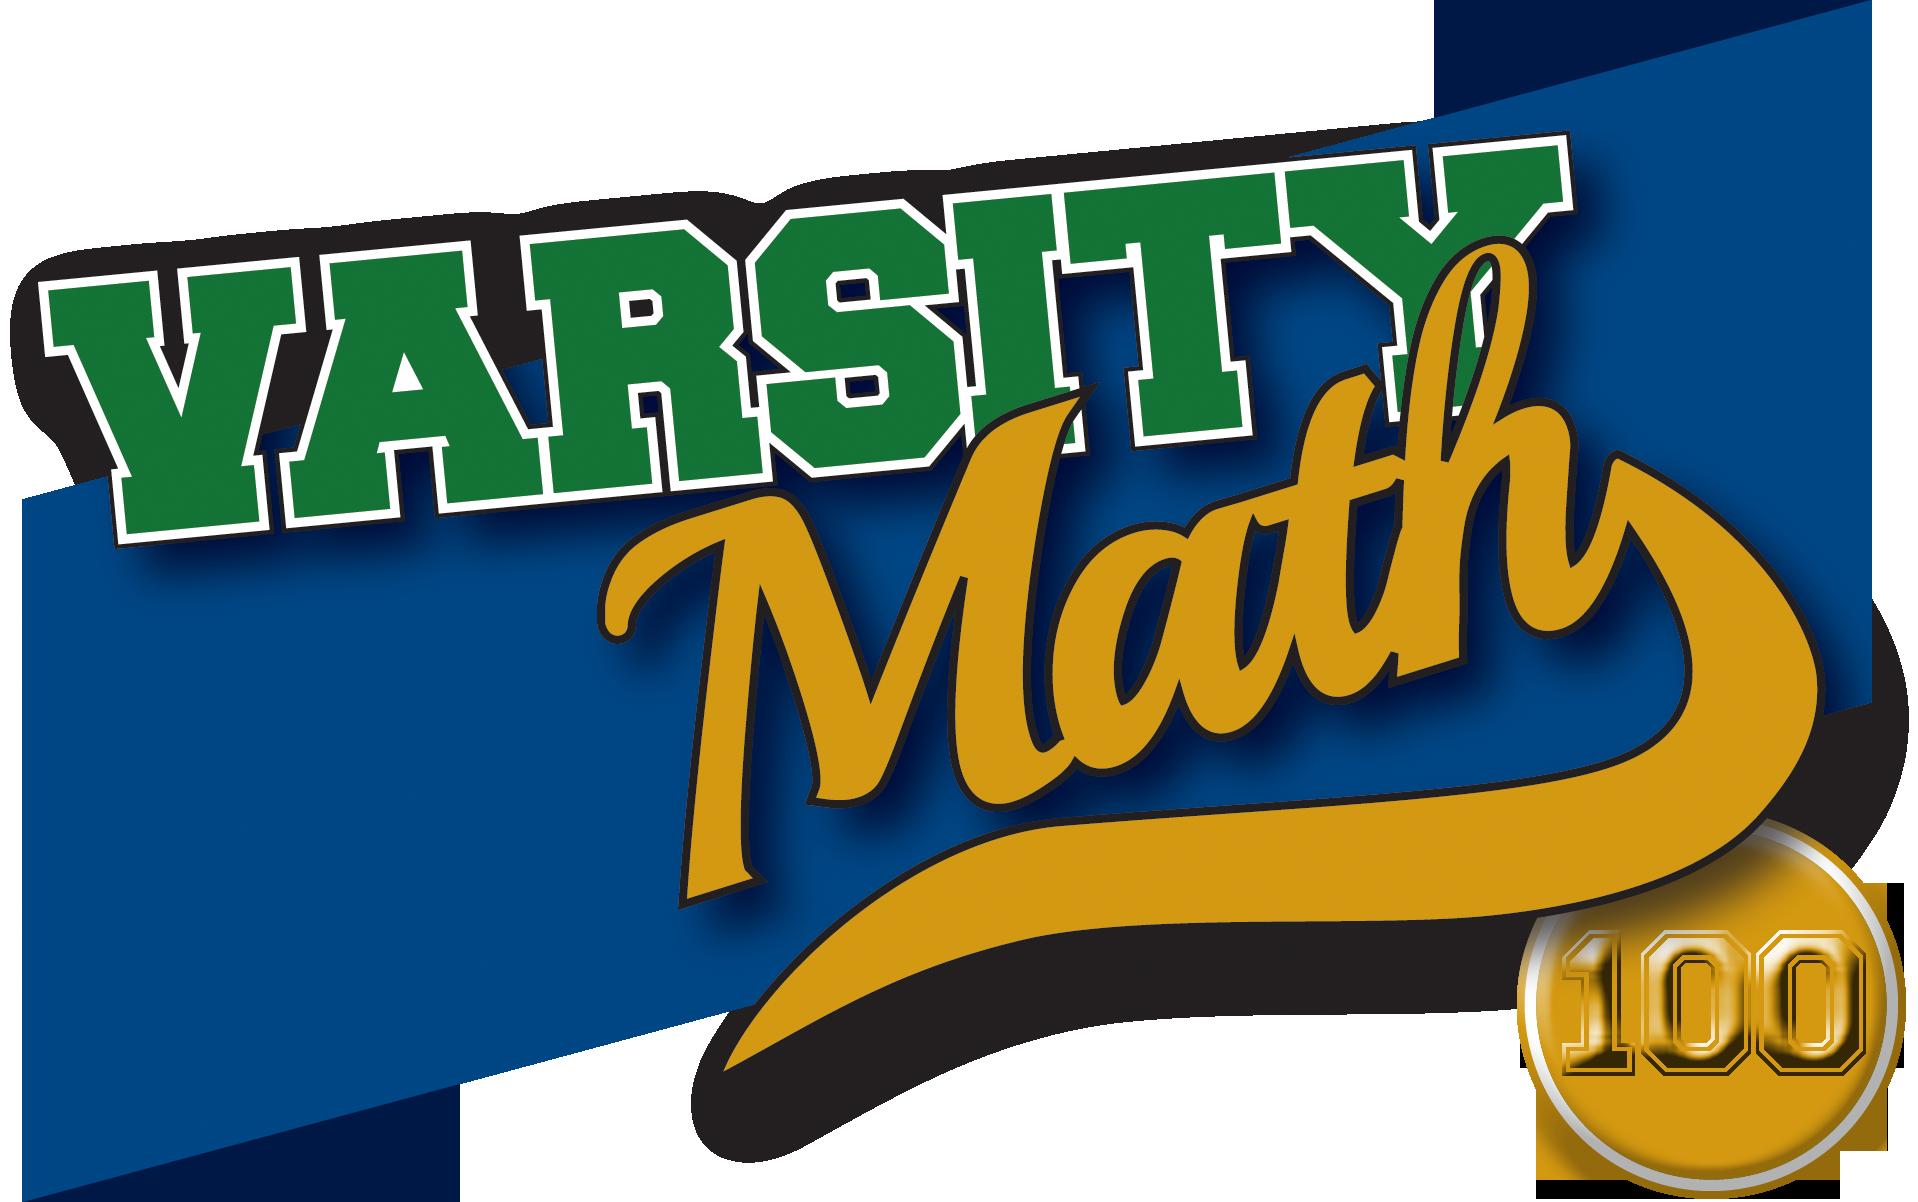 Varsity Math 100